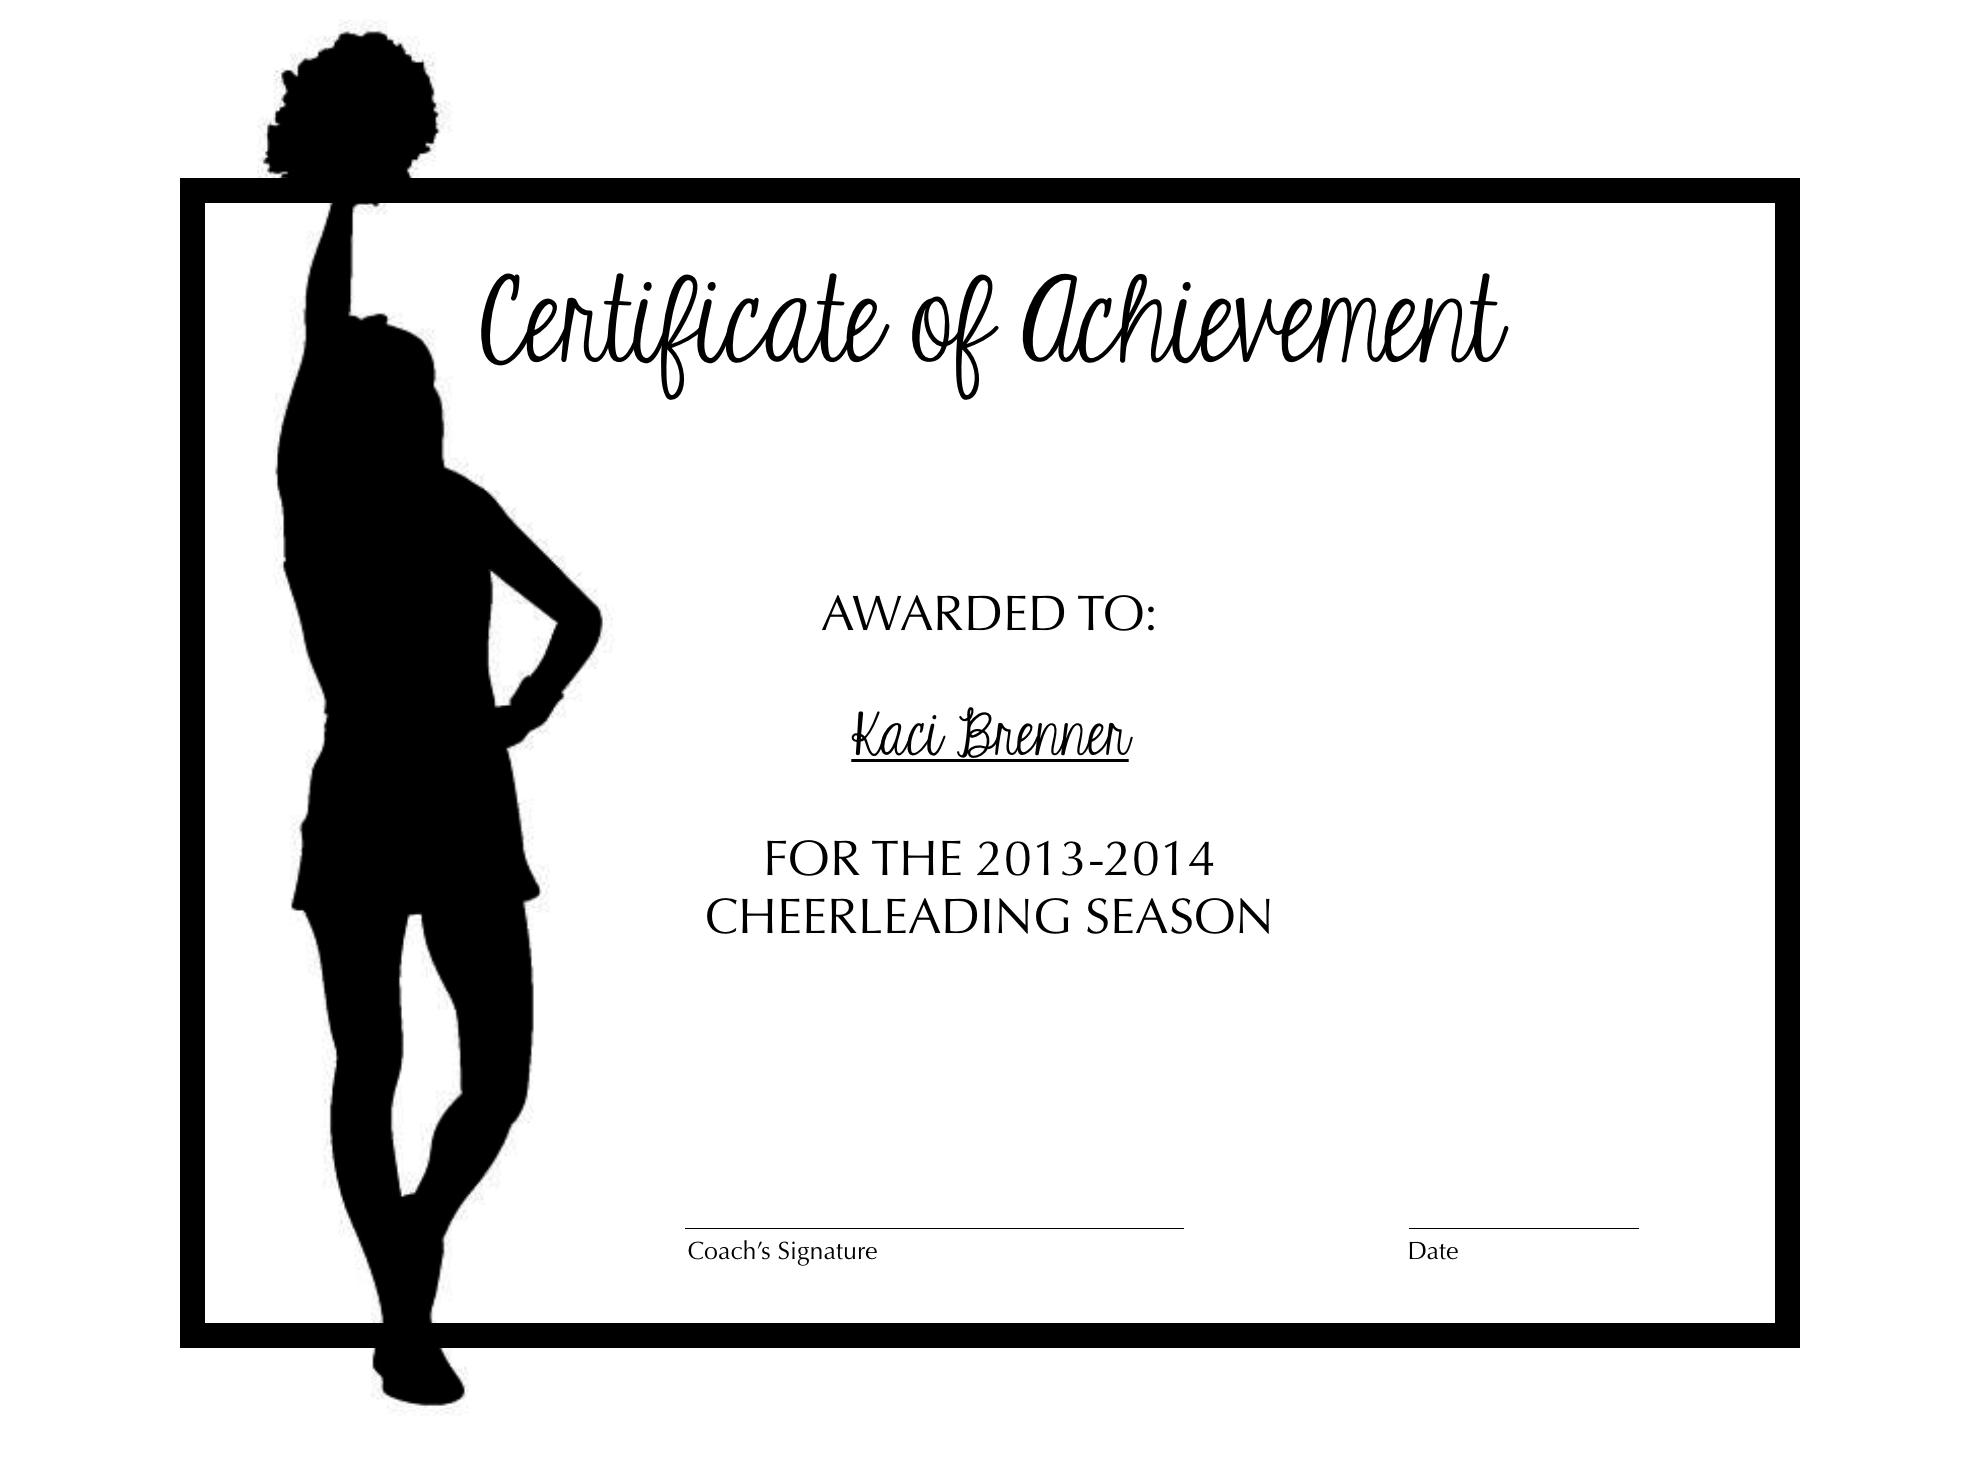 Cheerleading Certificate Of Achievement | Cheer | Pinterest | Cheer - Free Printable Cheerleading Certificates